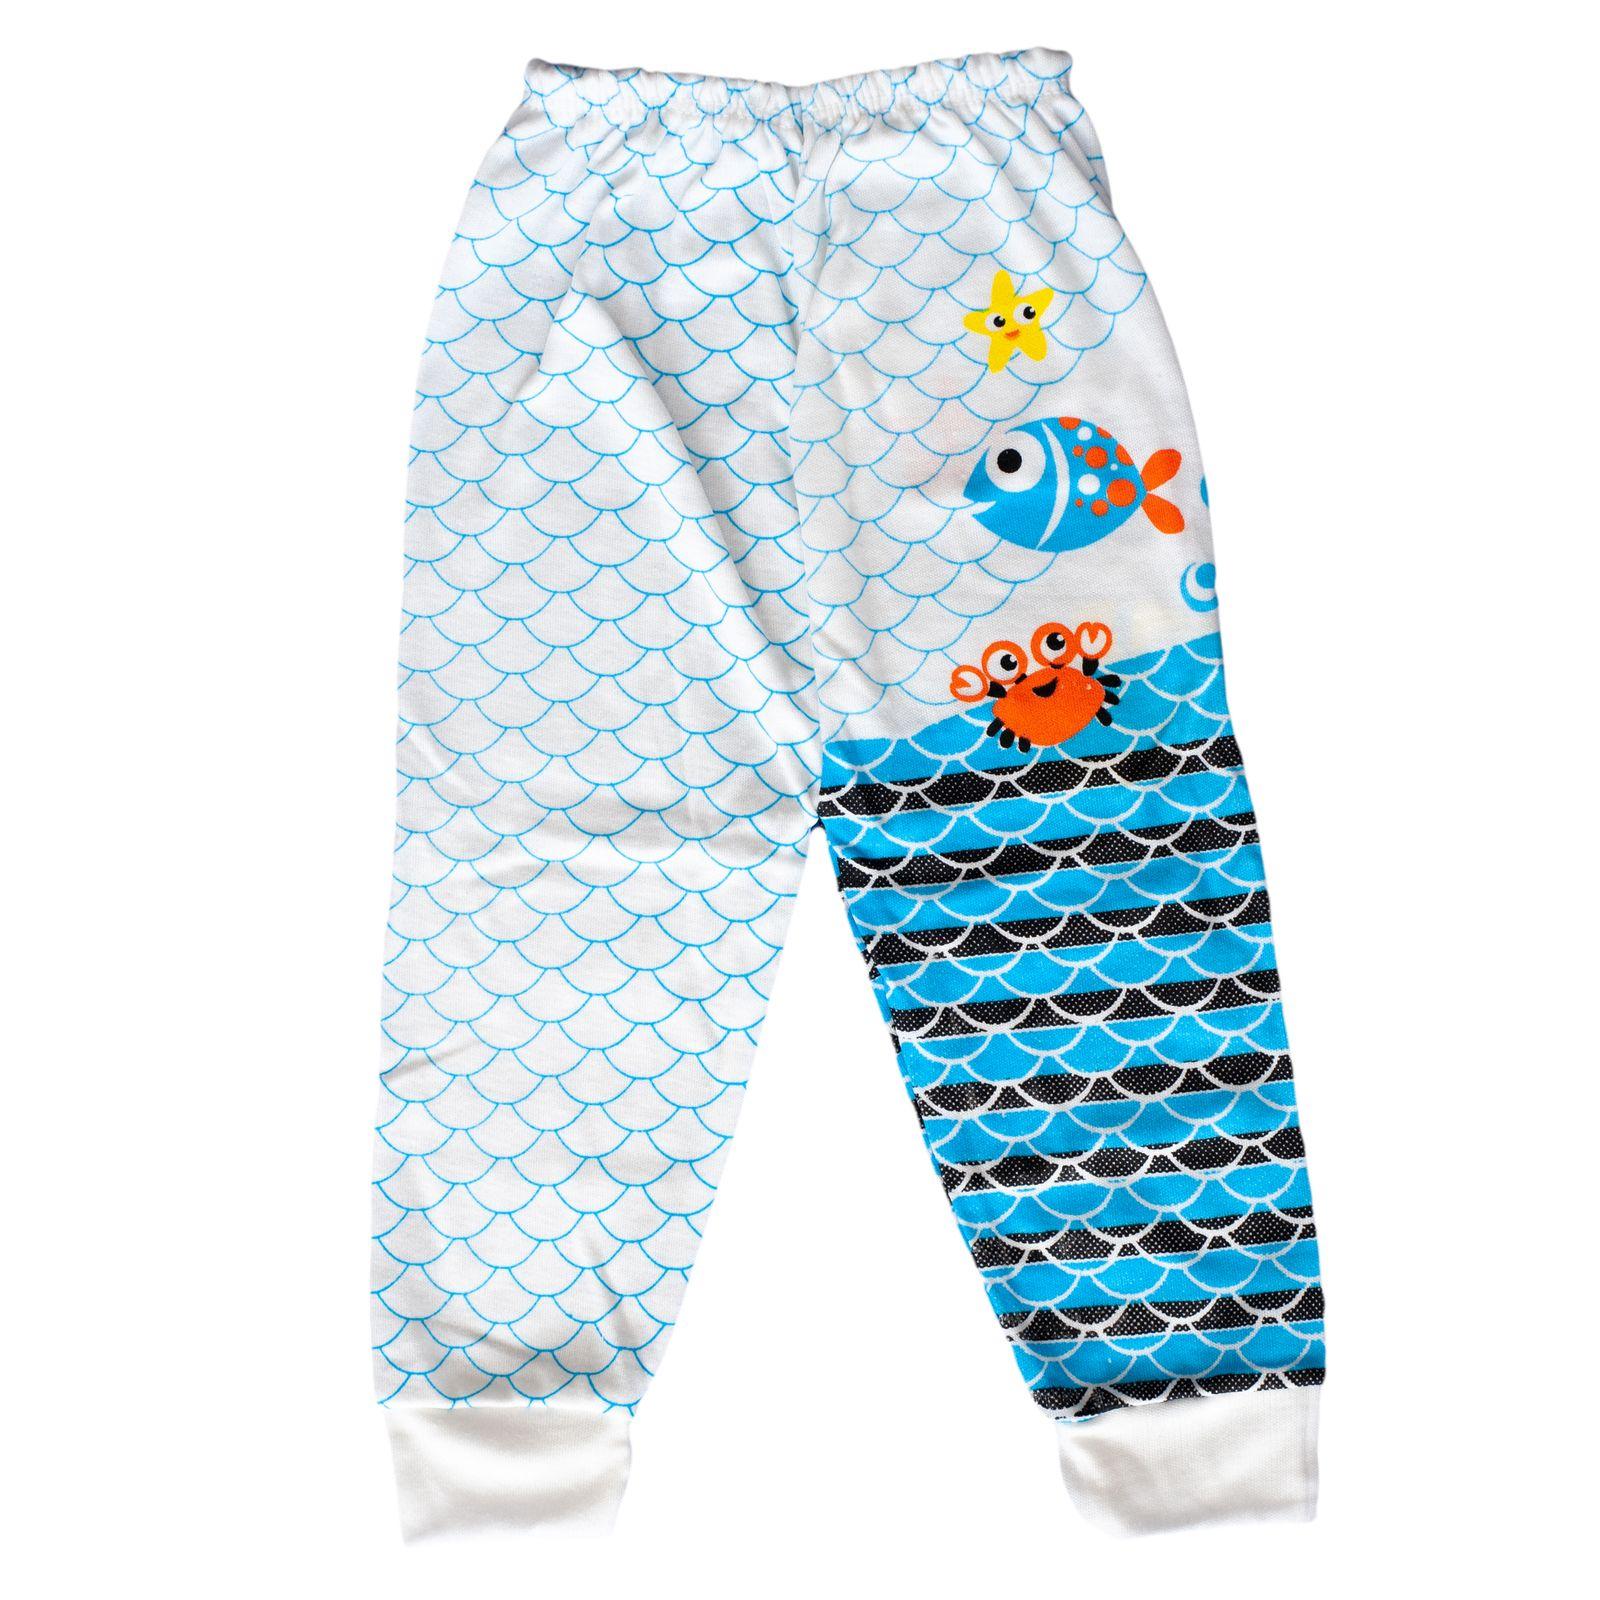 ست 5 تکه لباس نوزادی کد C15 -  - 2